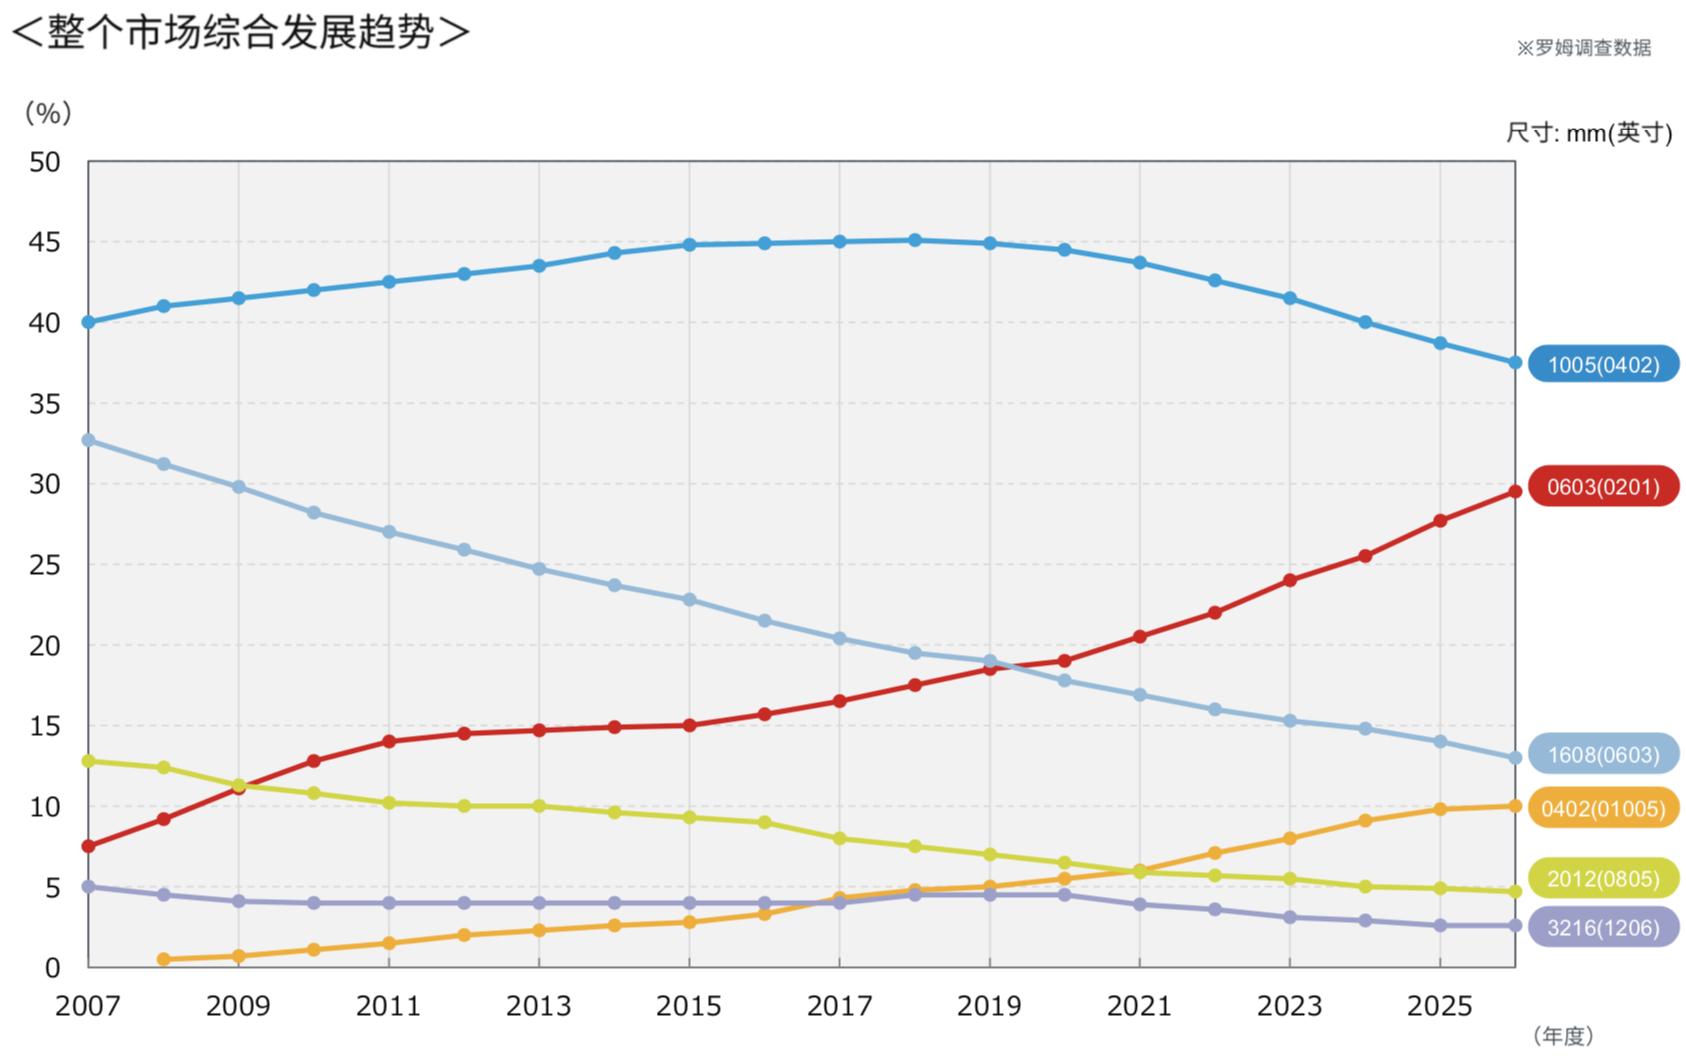 小型化、大功率仍是车载、工业市场上海快三app赚钱—主页-彩经_彩喜欢阻主要趋势